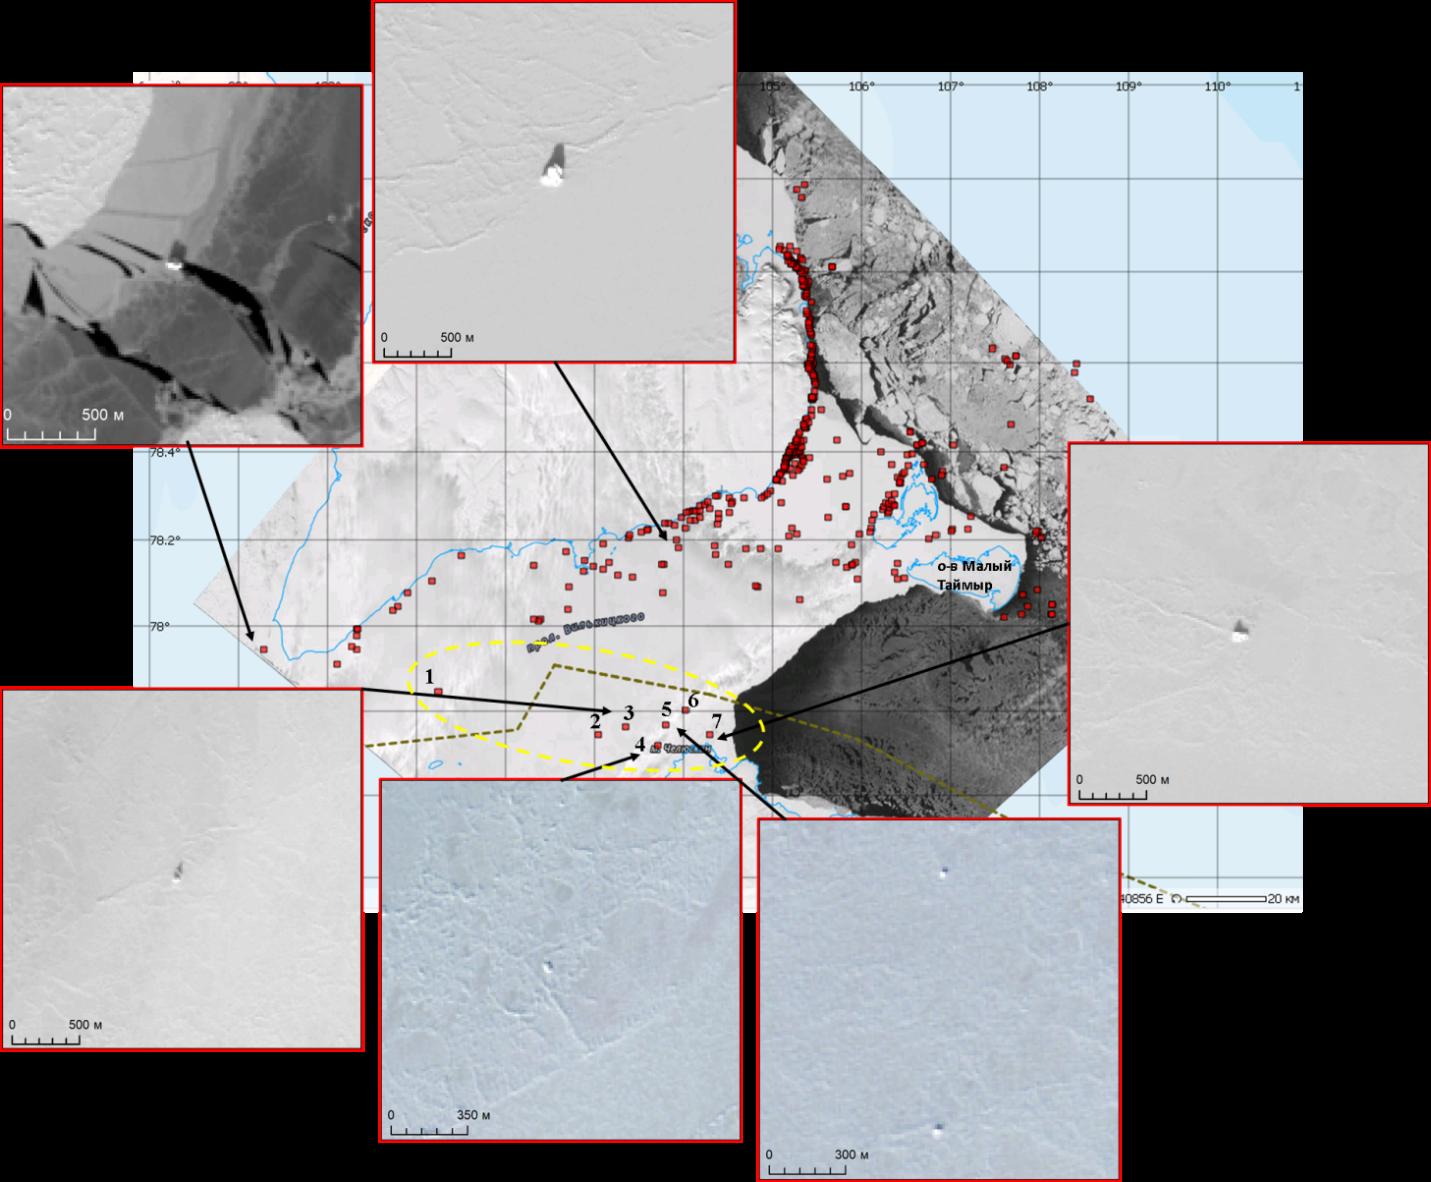 Рис.7. Примеры айсбергов в проливе Вилькицкого и их расположение относительно рекомендованного маршрута.